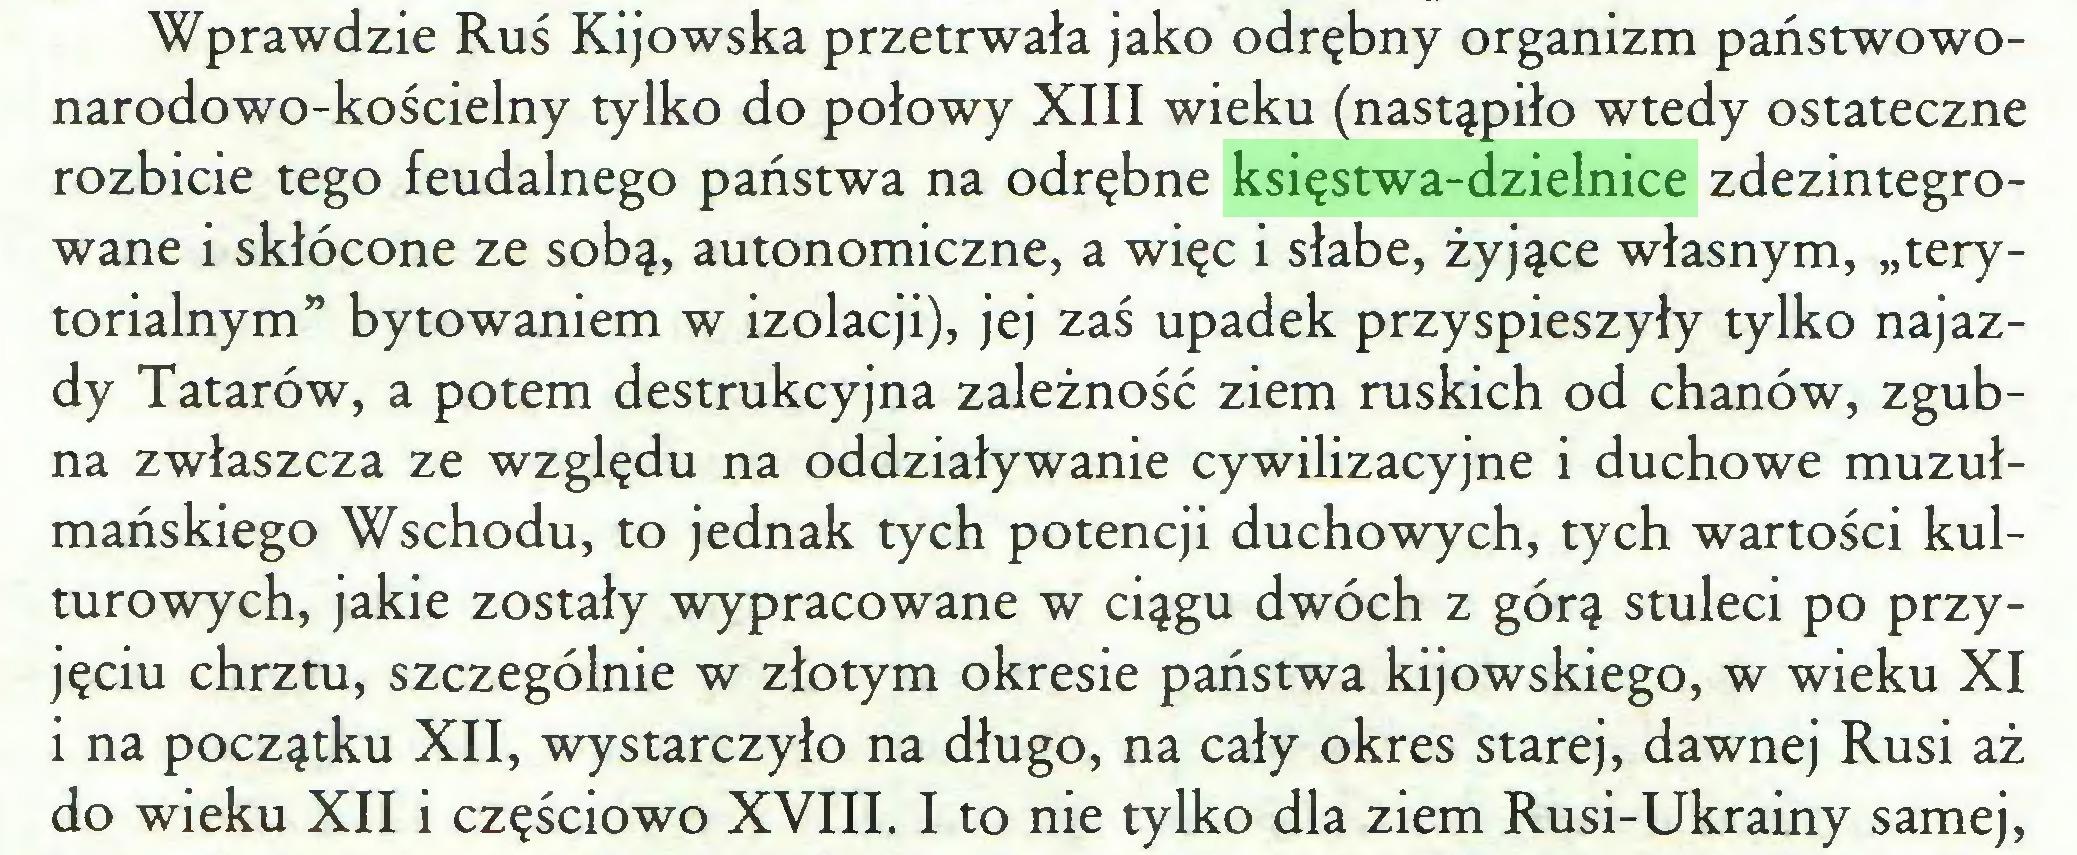 """(...) Wprawdzie Ruś Kijowska przetrwała jako odrębny organizm państwowonarodowo-kościelny tylko do połowy XIII wieku (nastąpiło wtedy ostateczne rozbicie tego feudalnego państwa na odrębne księstwa-dzielnice zdezintegrowane i skłócone ze sobą, autonomiczne, a więc i słabe, żyjące własnym, """"terytorialnym"""" bytowaniem w izolacji), jej zaś upadek przyspieszyły tylko najazdy Tatarów, a potem destrukcyjna zależność ziem ruskich od chanów, zgubna zwłaszcza ze względu na oddziaływanie cywilizacyjne i duchowe muzułmańskiego Wschodu, to jednak tych potencji duchowych, tych wartości kulturowych, jakie zostały wypracowane w ciągu dwóch z górą stuleci po przyjęciu chrztu, szczególnie w złotym okresie państwa kijowskiego, w wieku XI i na początku XII, wystarczyło na długo, na cały okres starej, dawnej Rusi aż do wieku XII i częściowo XVIII. I to nie tylko dla ziem Rusi-Ukrainy samej,..."""